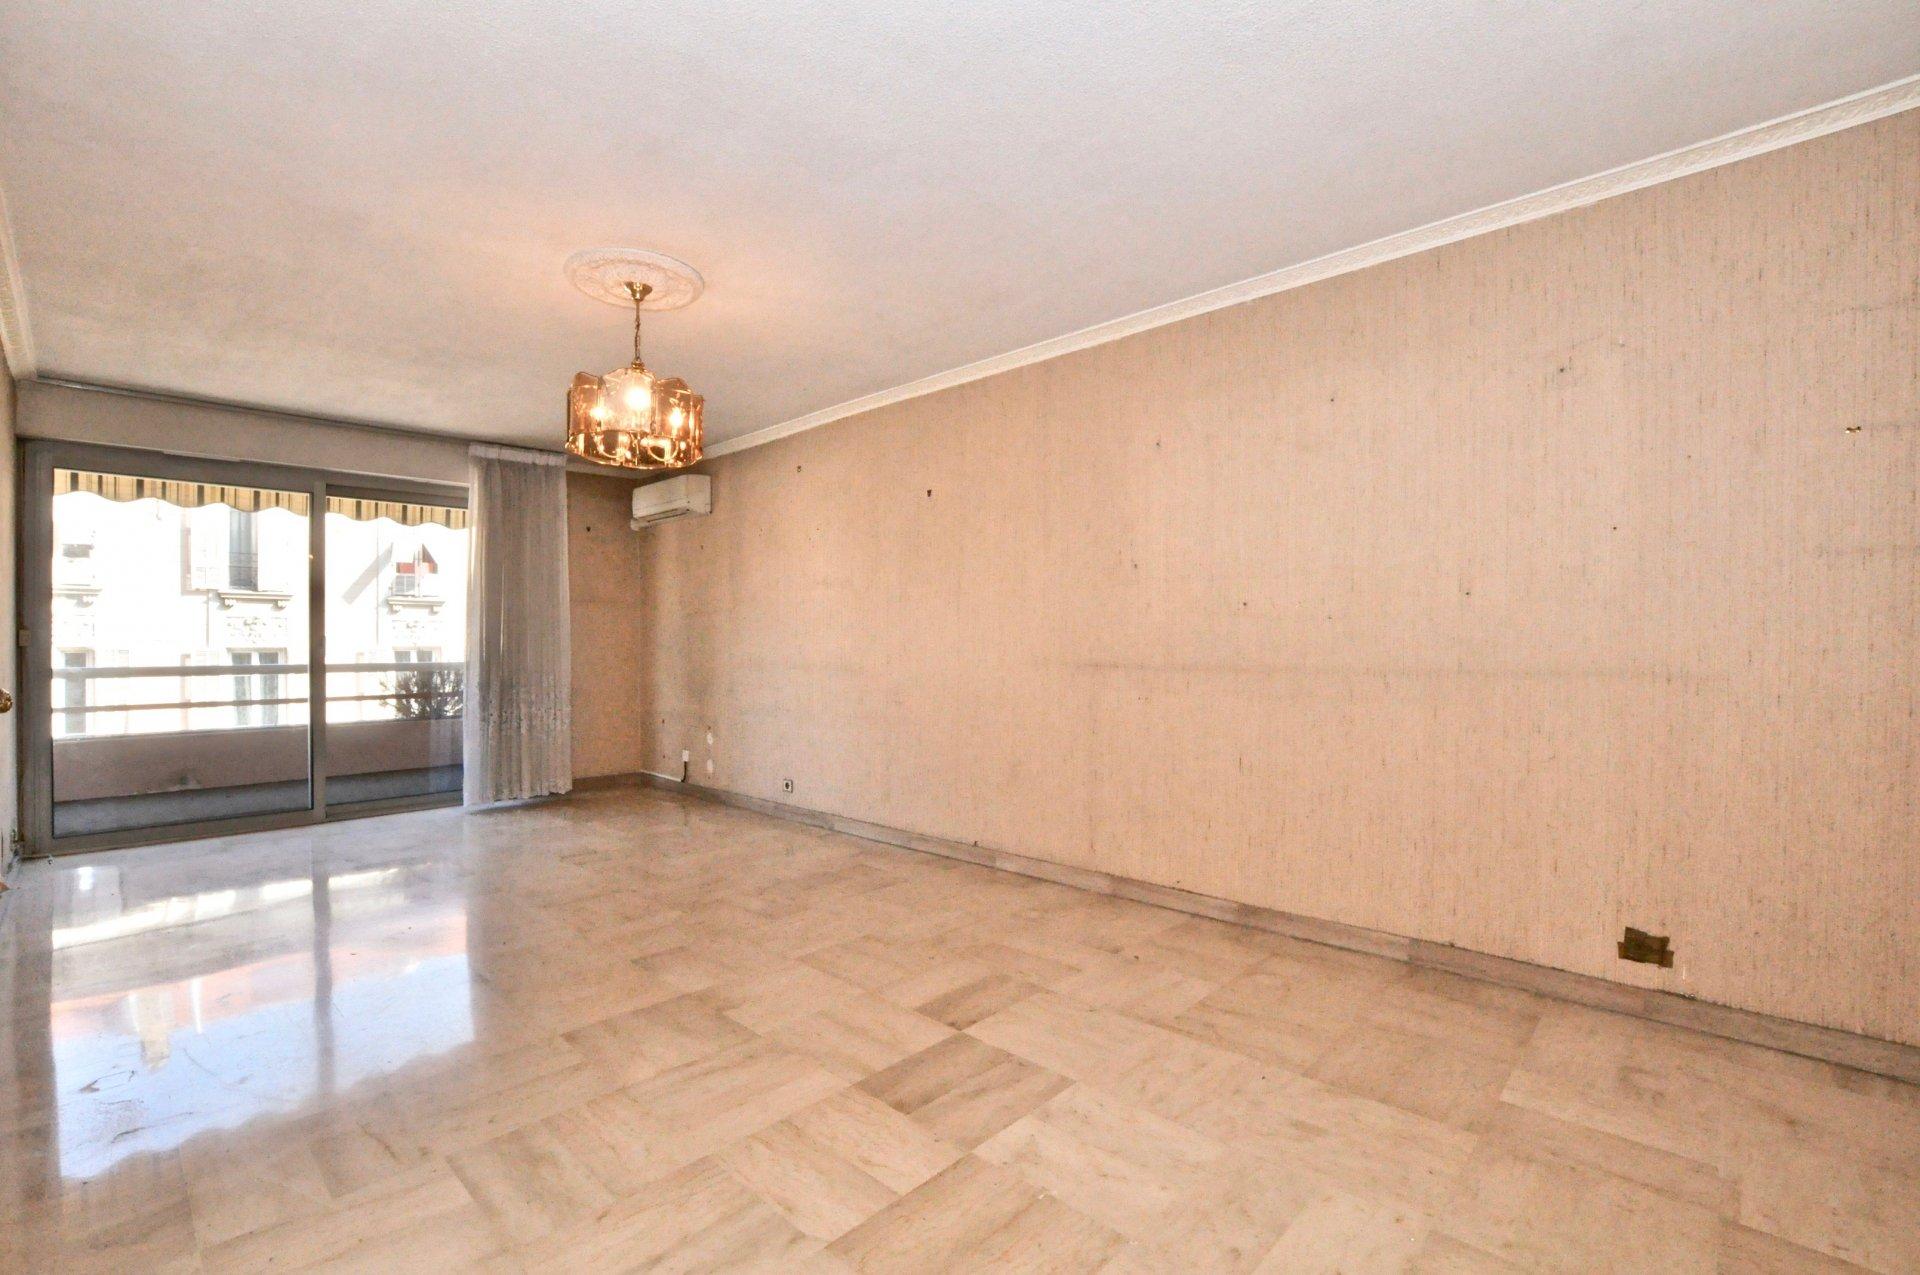 Verkoop Appartement - Nice Riquier